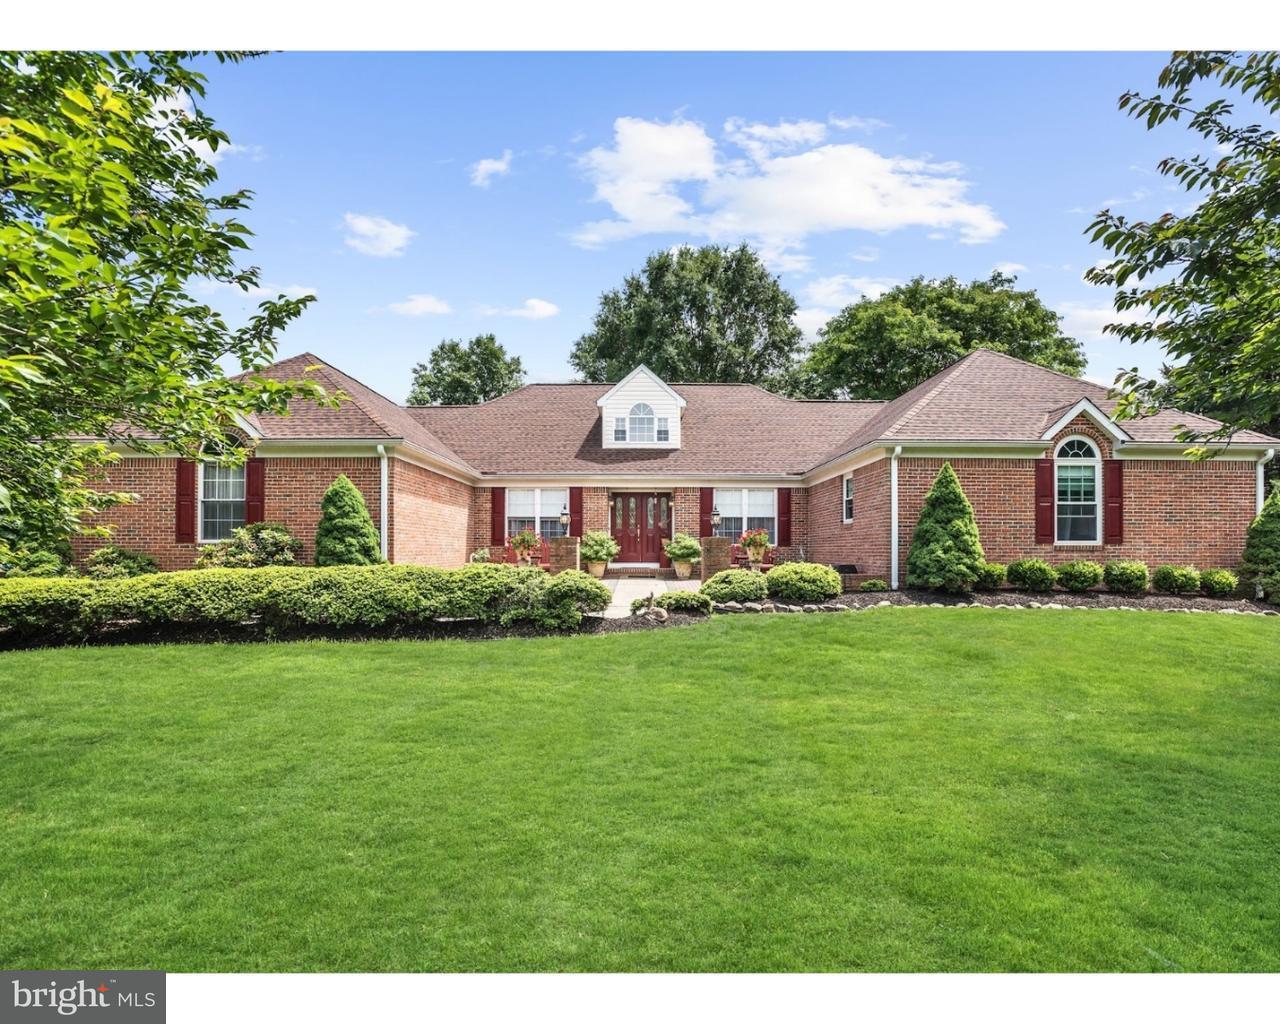 独户住宅 为 销售 在 25 FENIMORE Road Lumberton, 新泽西州 08048 美国